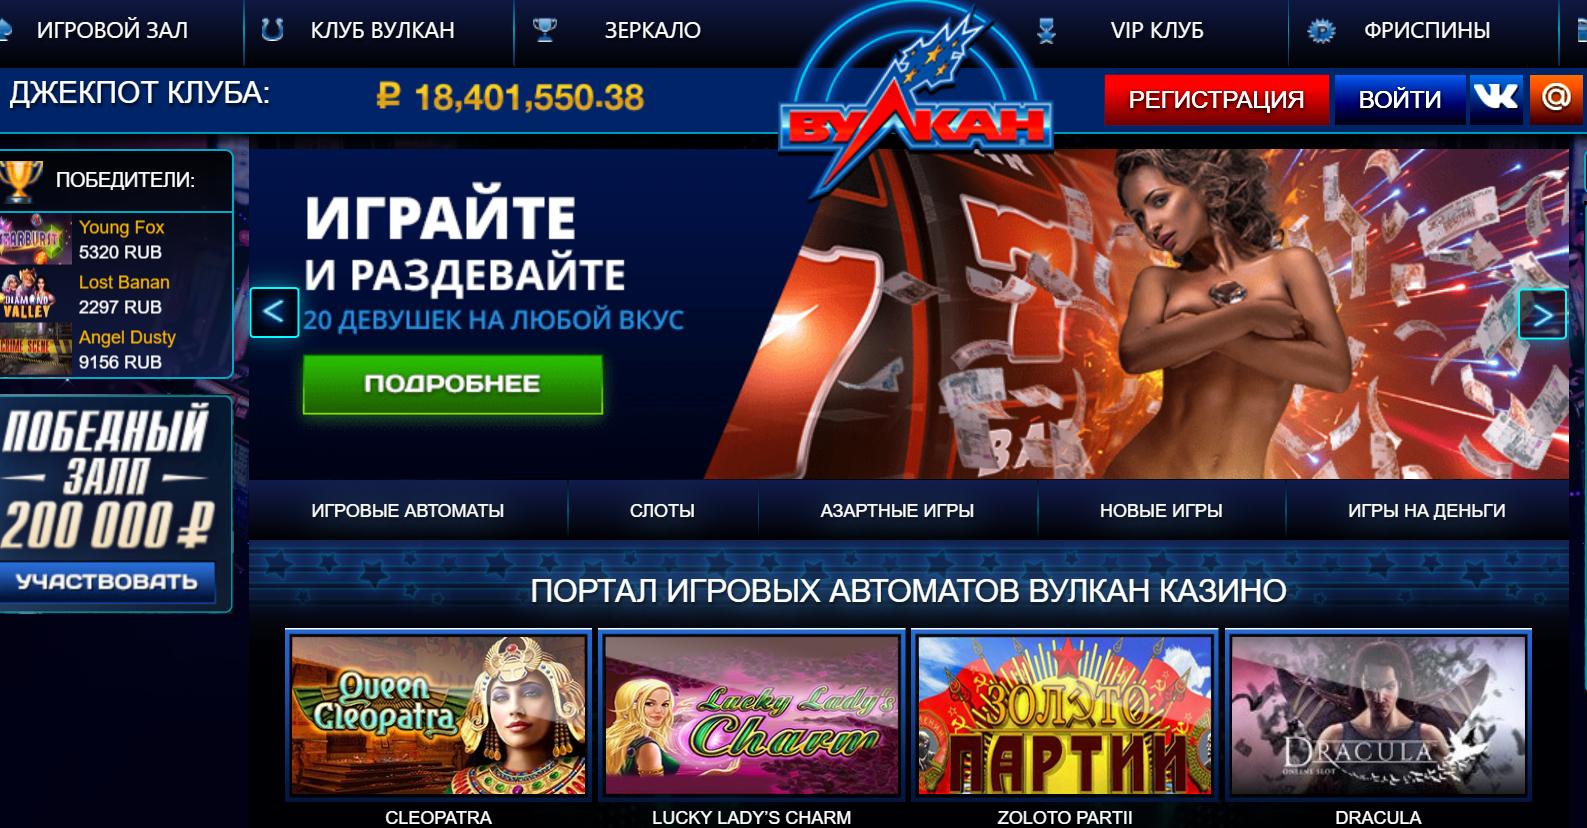 Чем привлекательны онлайн-площадки азартных игр Вулкан?